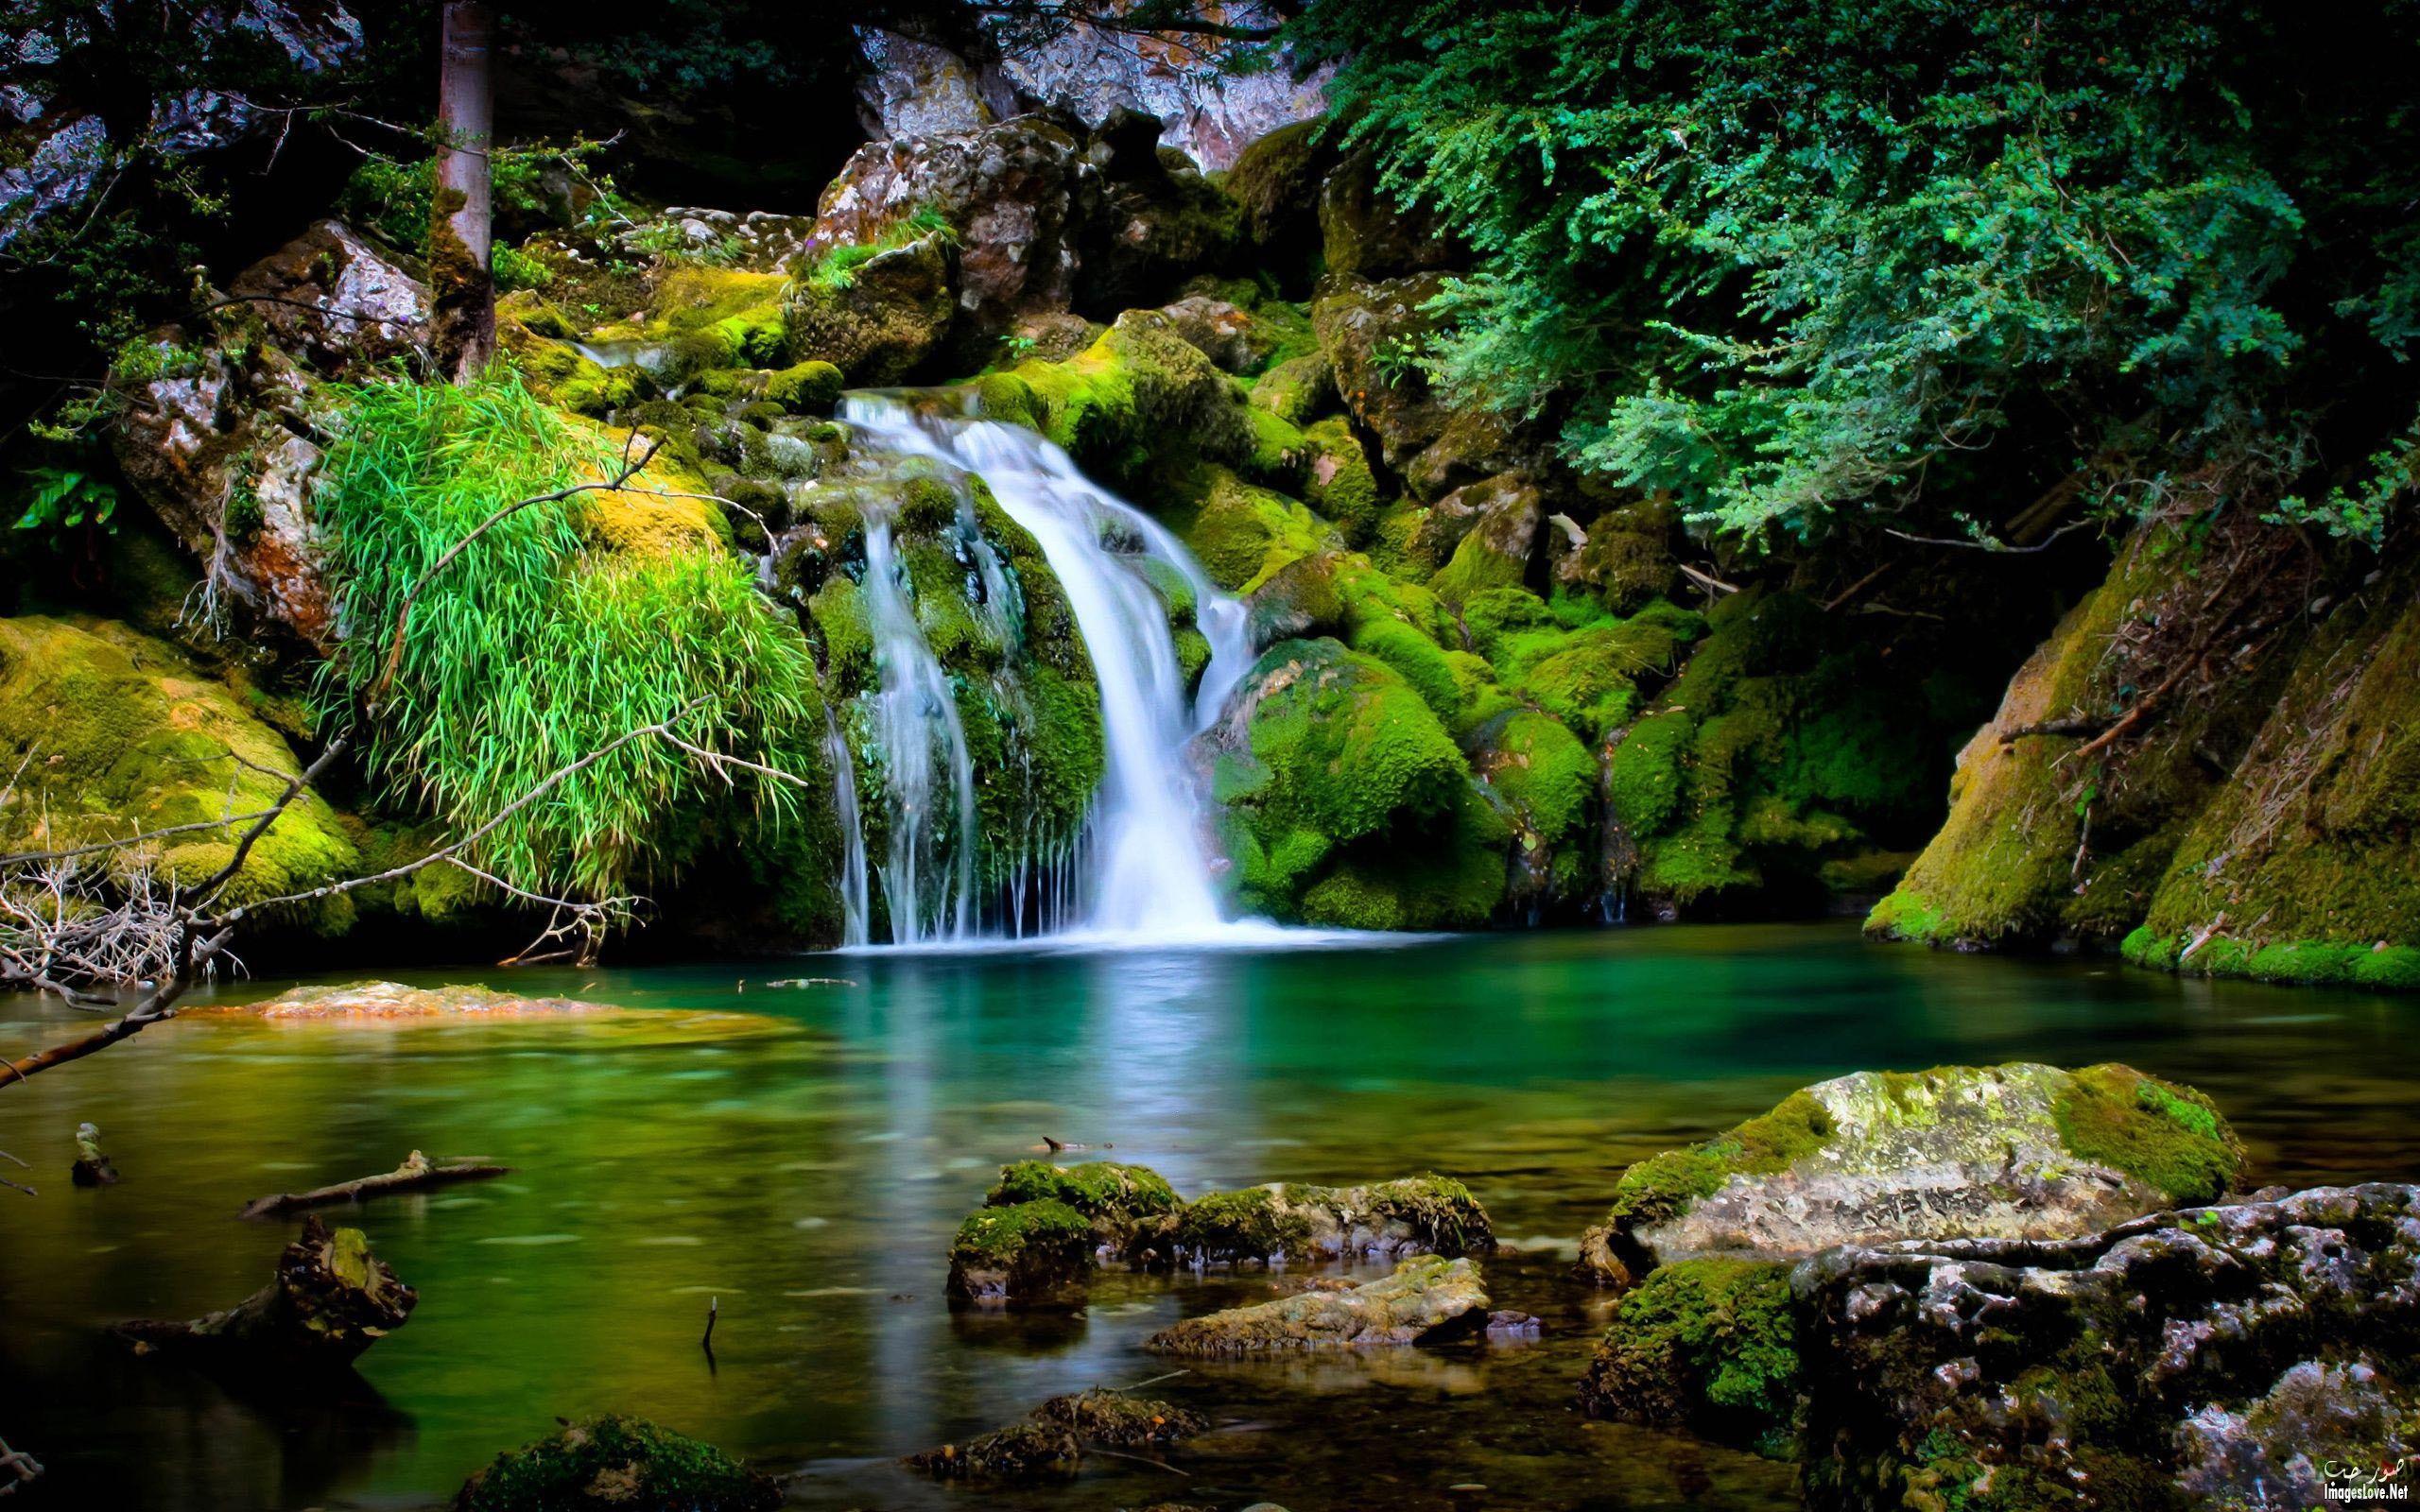 اجمل صور الطبيعة الخلابة 5